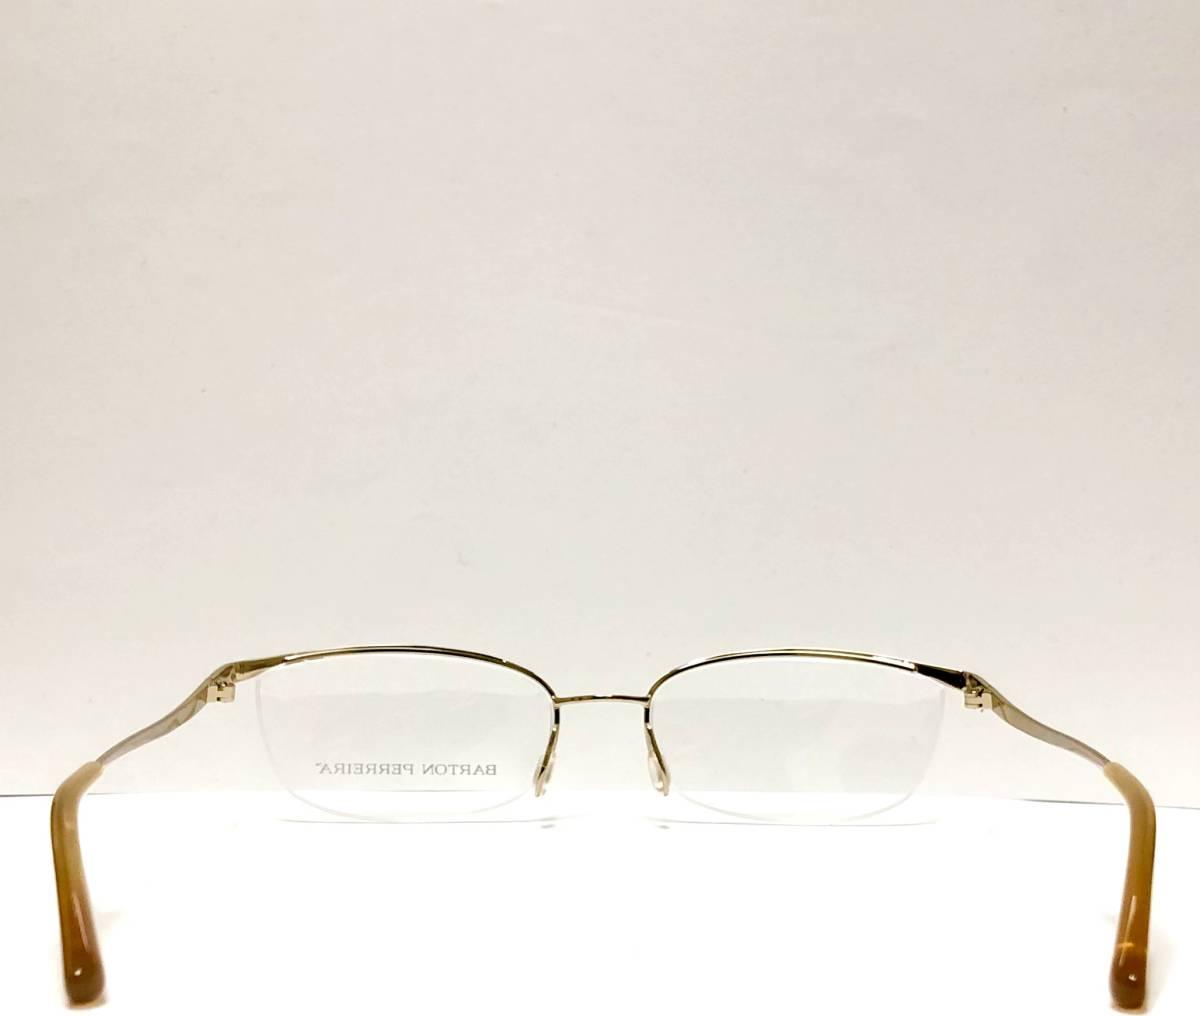 定価85800円 新品) 上流階級 バートンペレイラ ミア Barton Perreira 極上品 純正メガネ 付属品付き 金色 日本製 米国ブランド_画像7